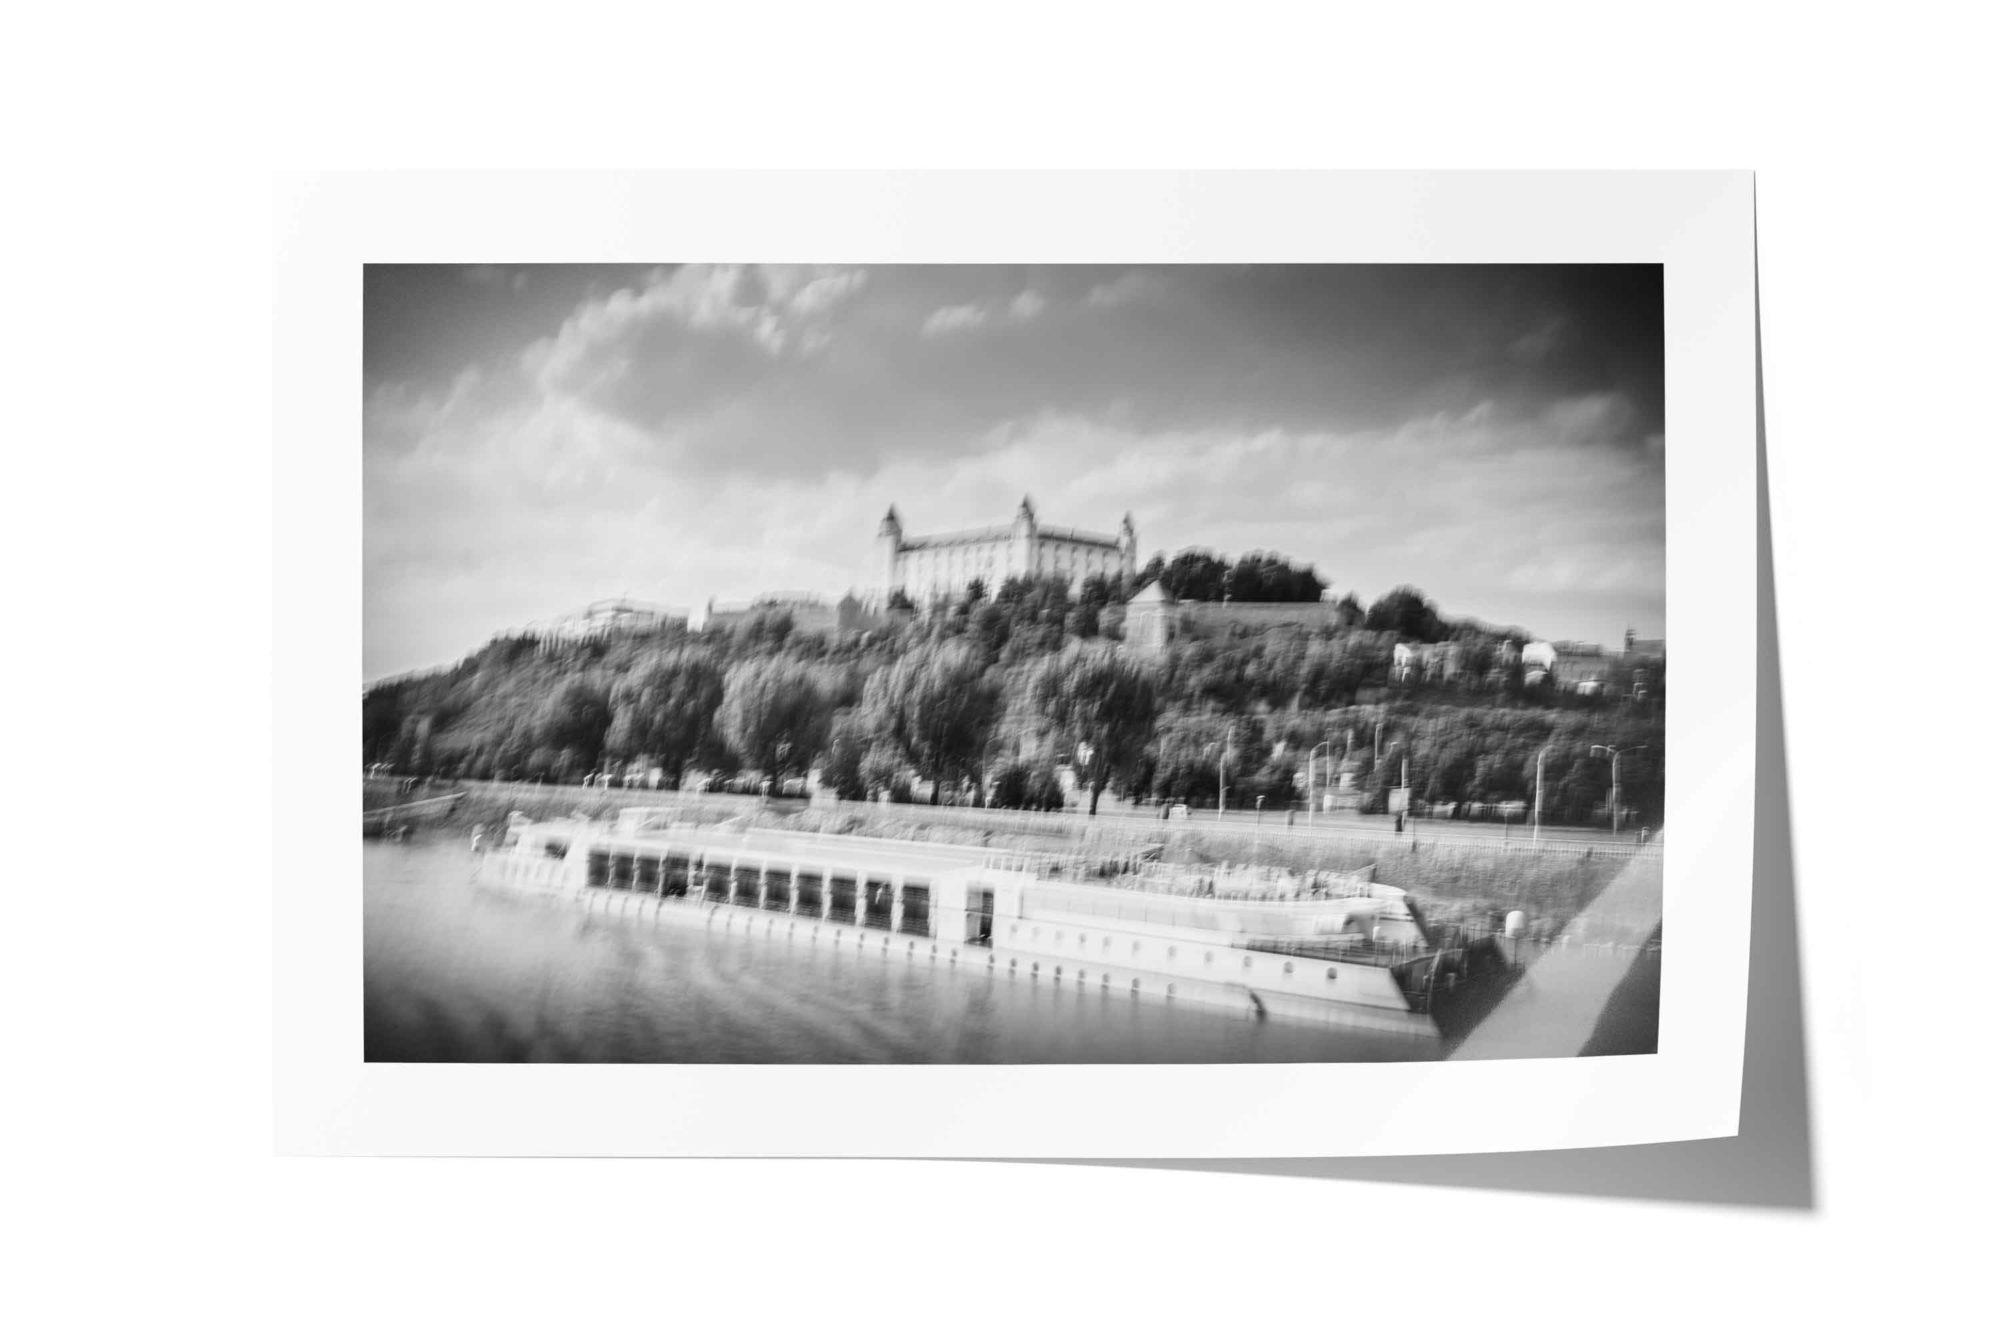 Bratislavsky hrad, Bratislava Castle, Dunaj, Danube river, Bratislava, Pressburg, Pozsony, Slovakia, Slovak Republic